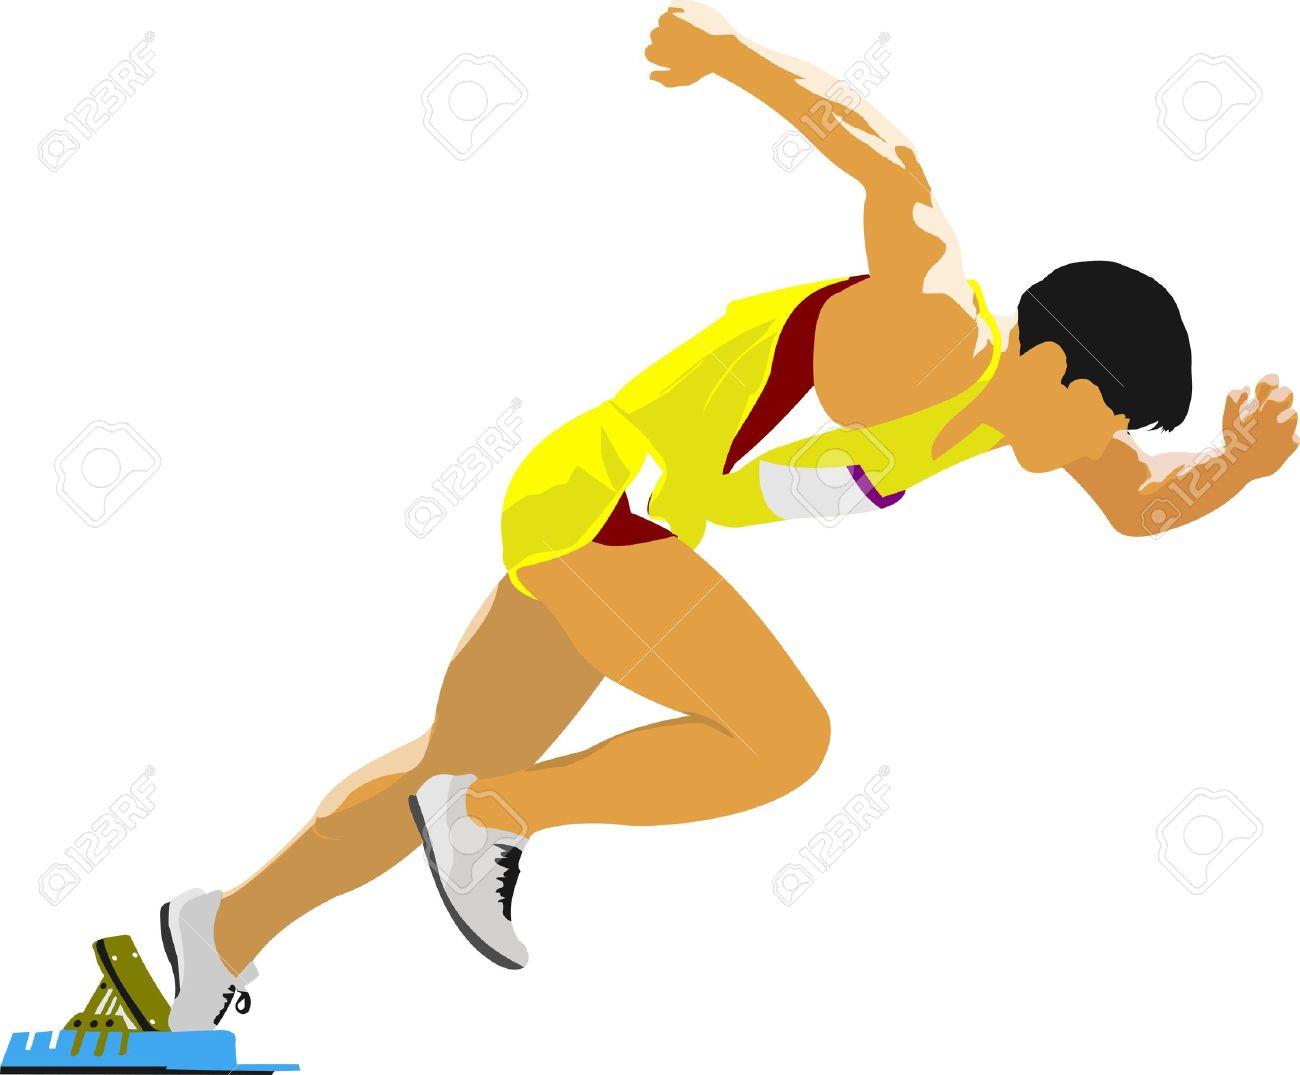 Short-distance runner. Start. - 10556769